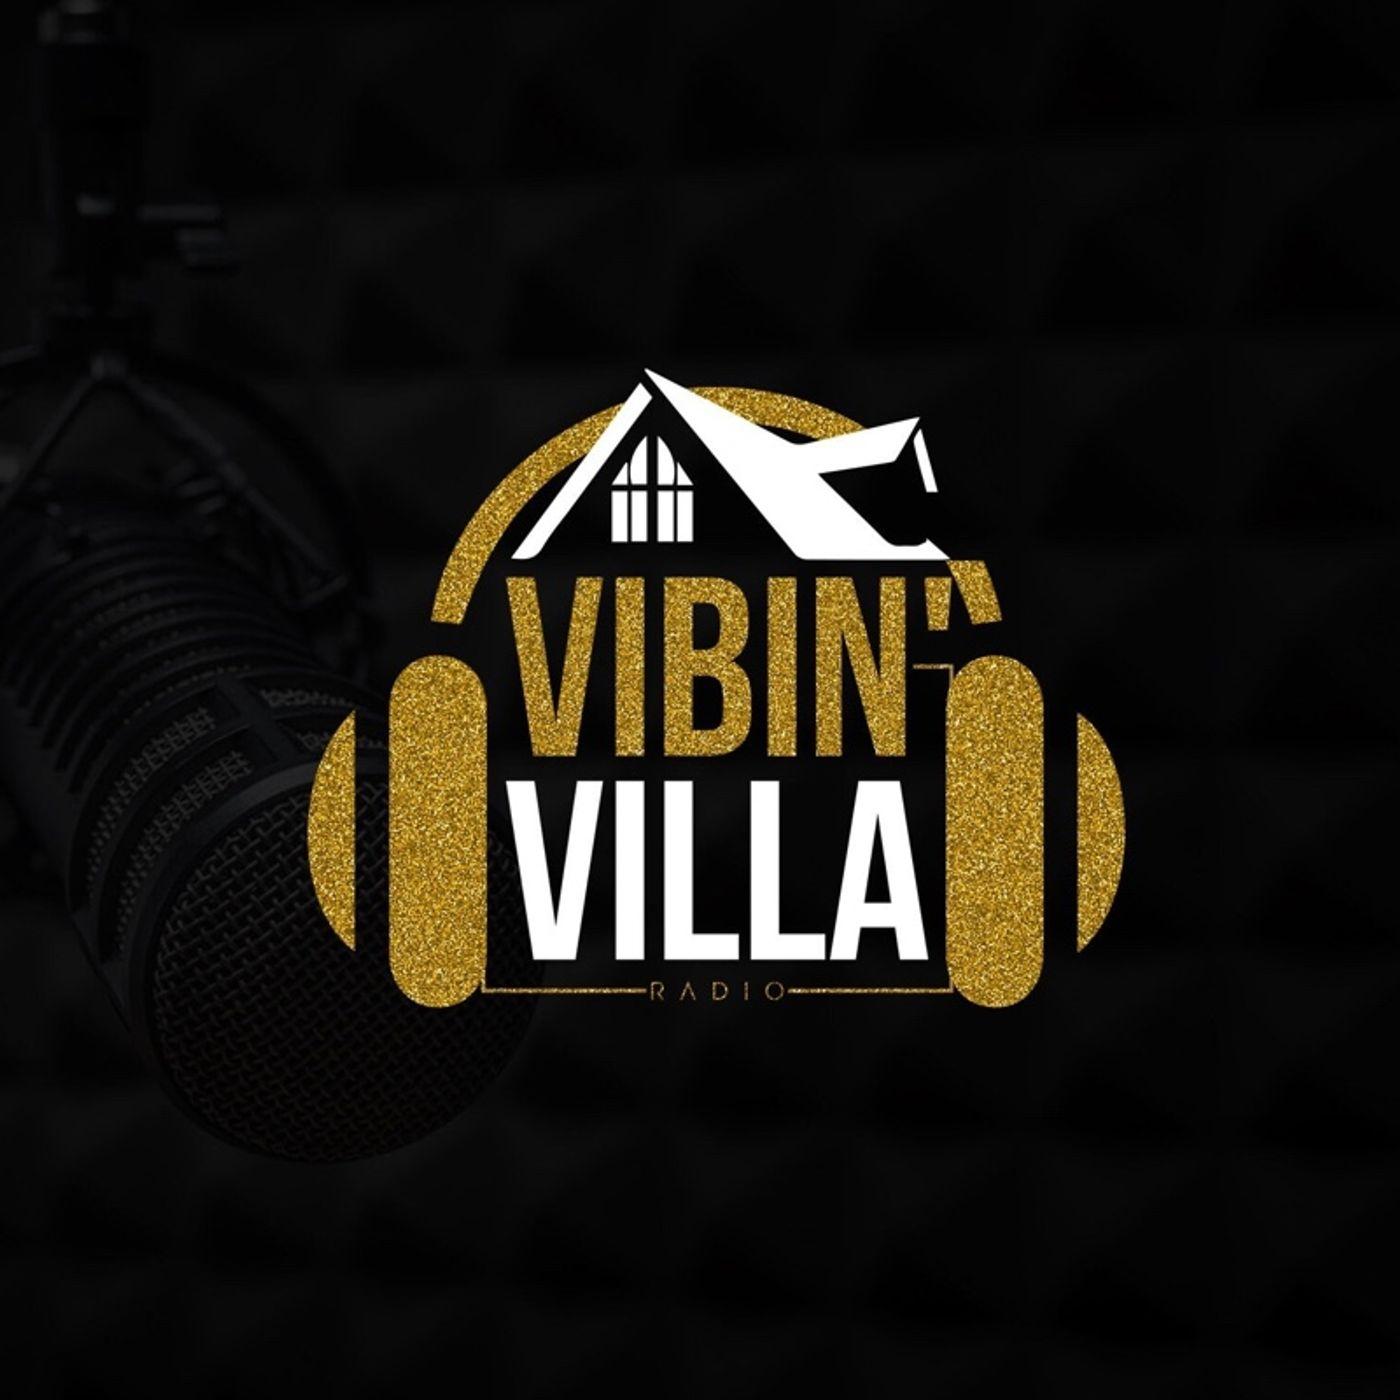 Vibin' Villa Radio Vol. 5